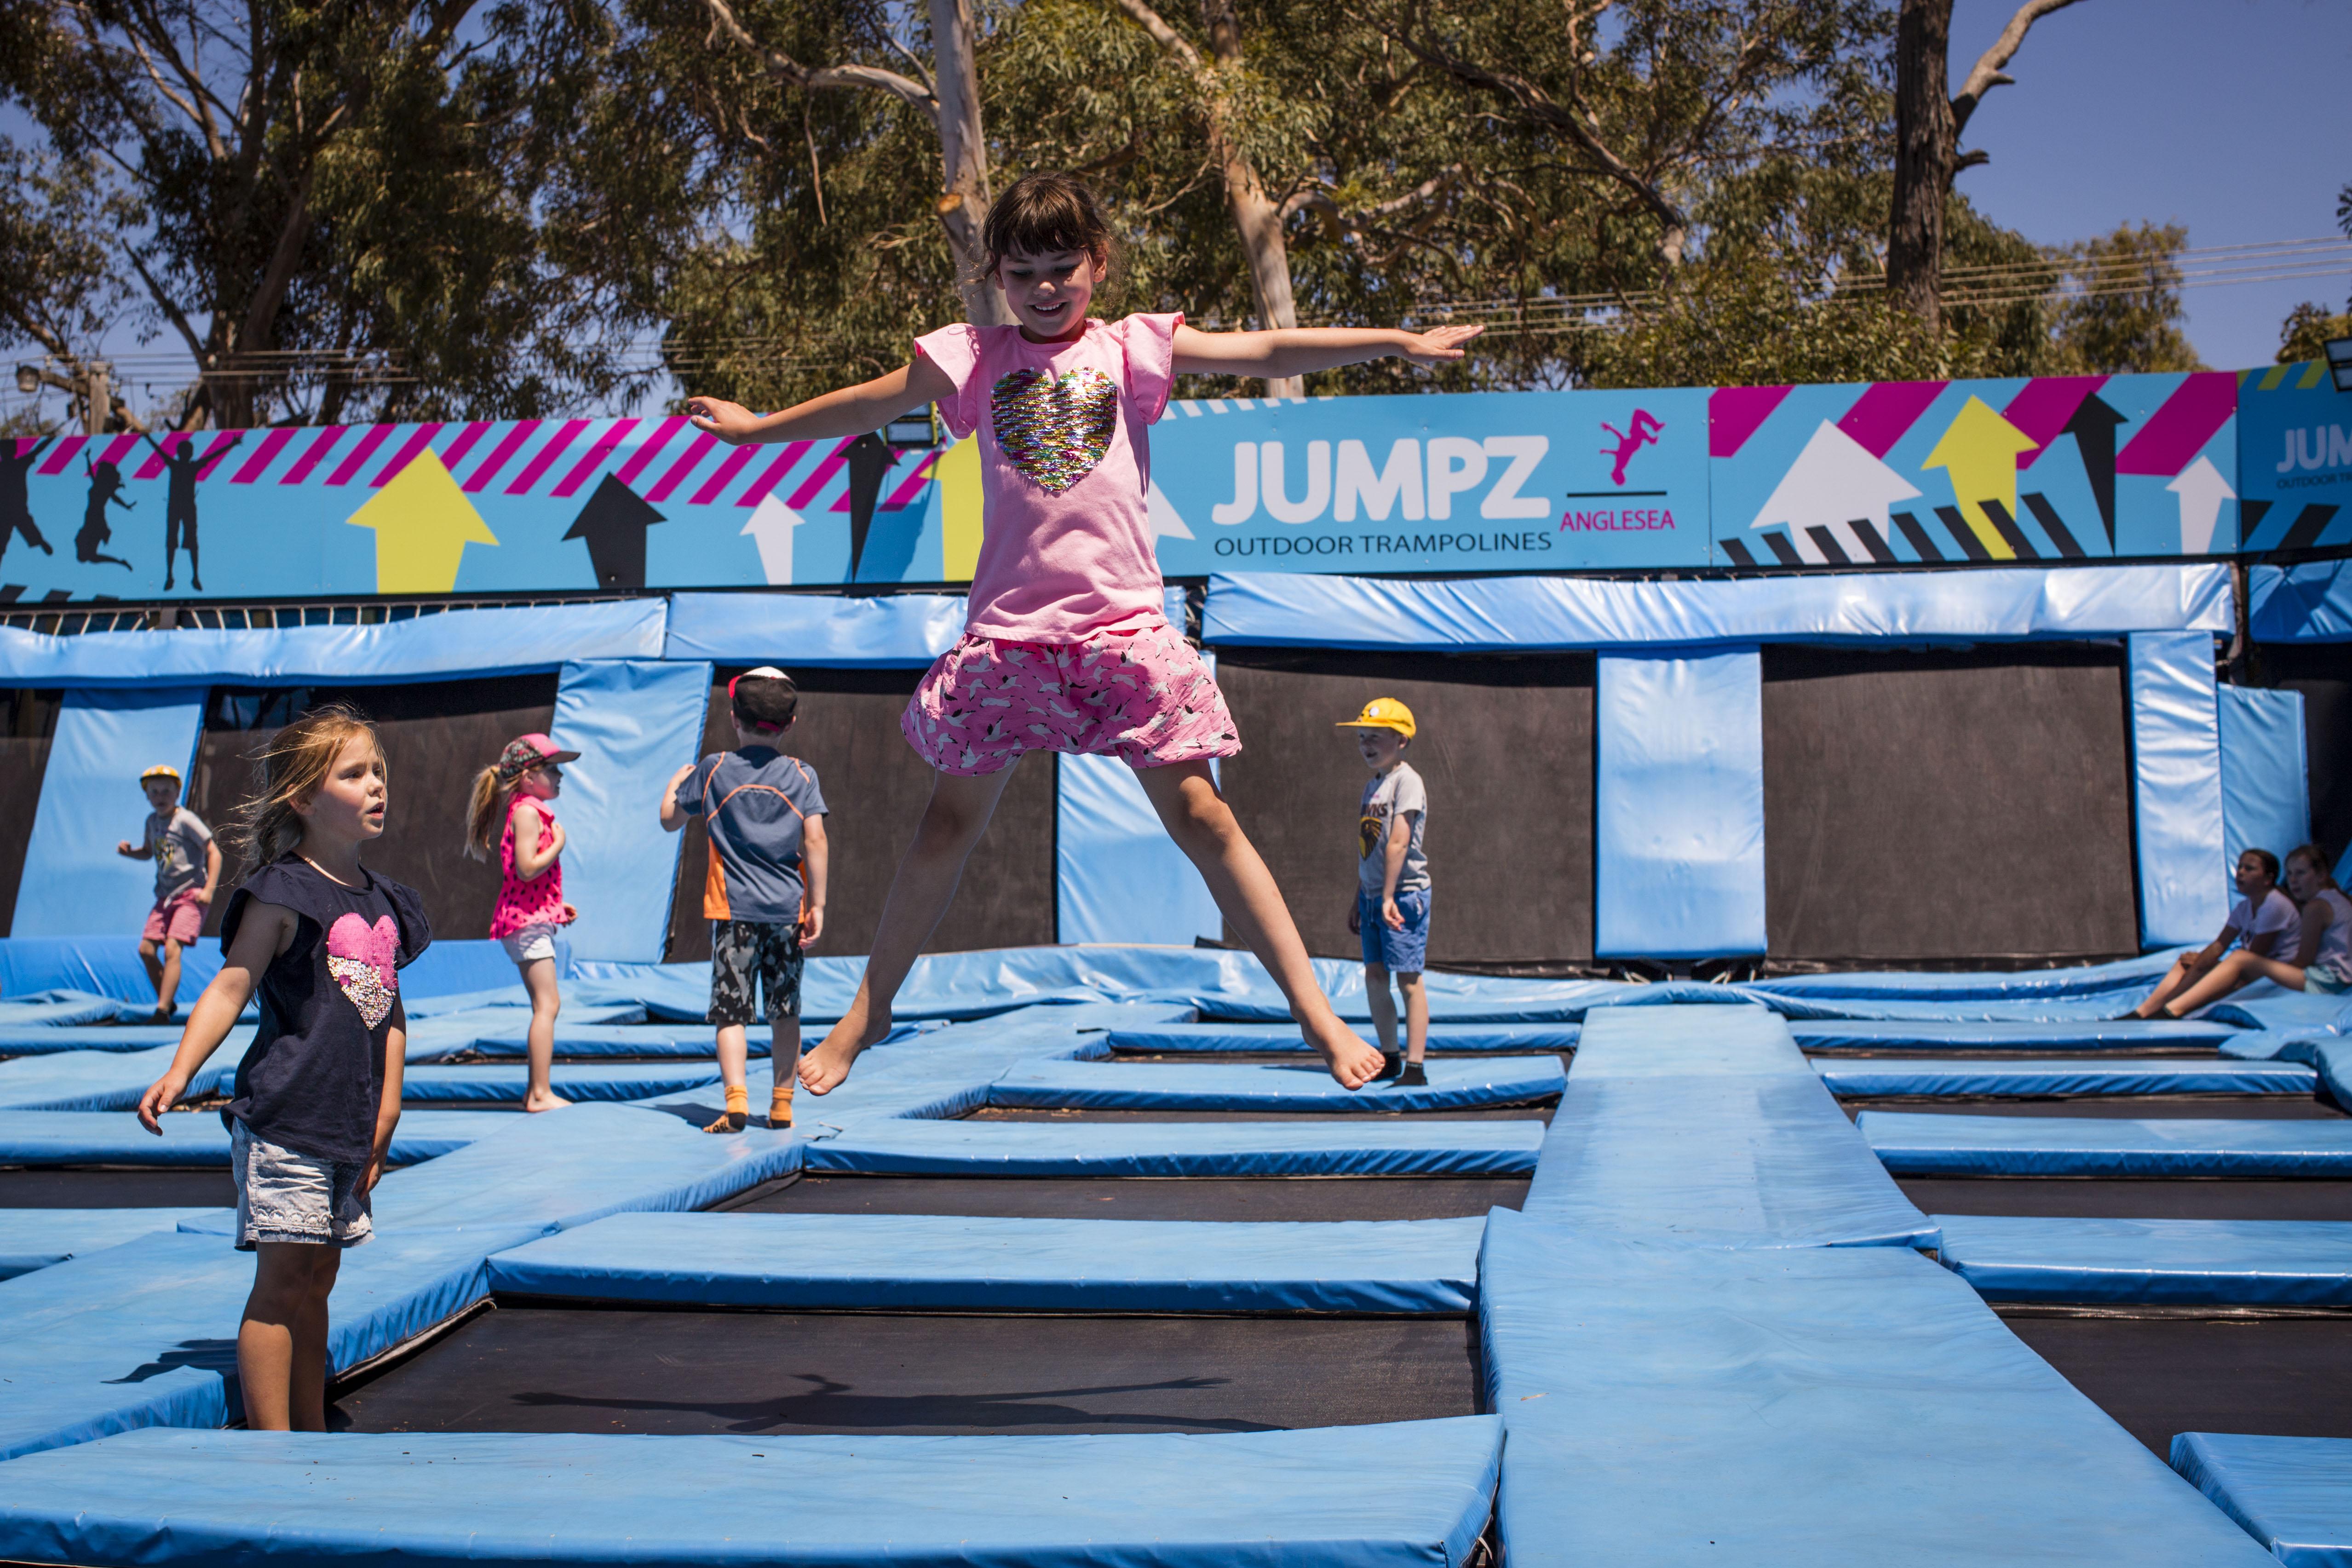 Jumpz